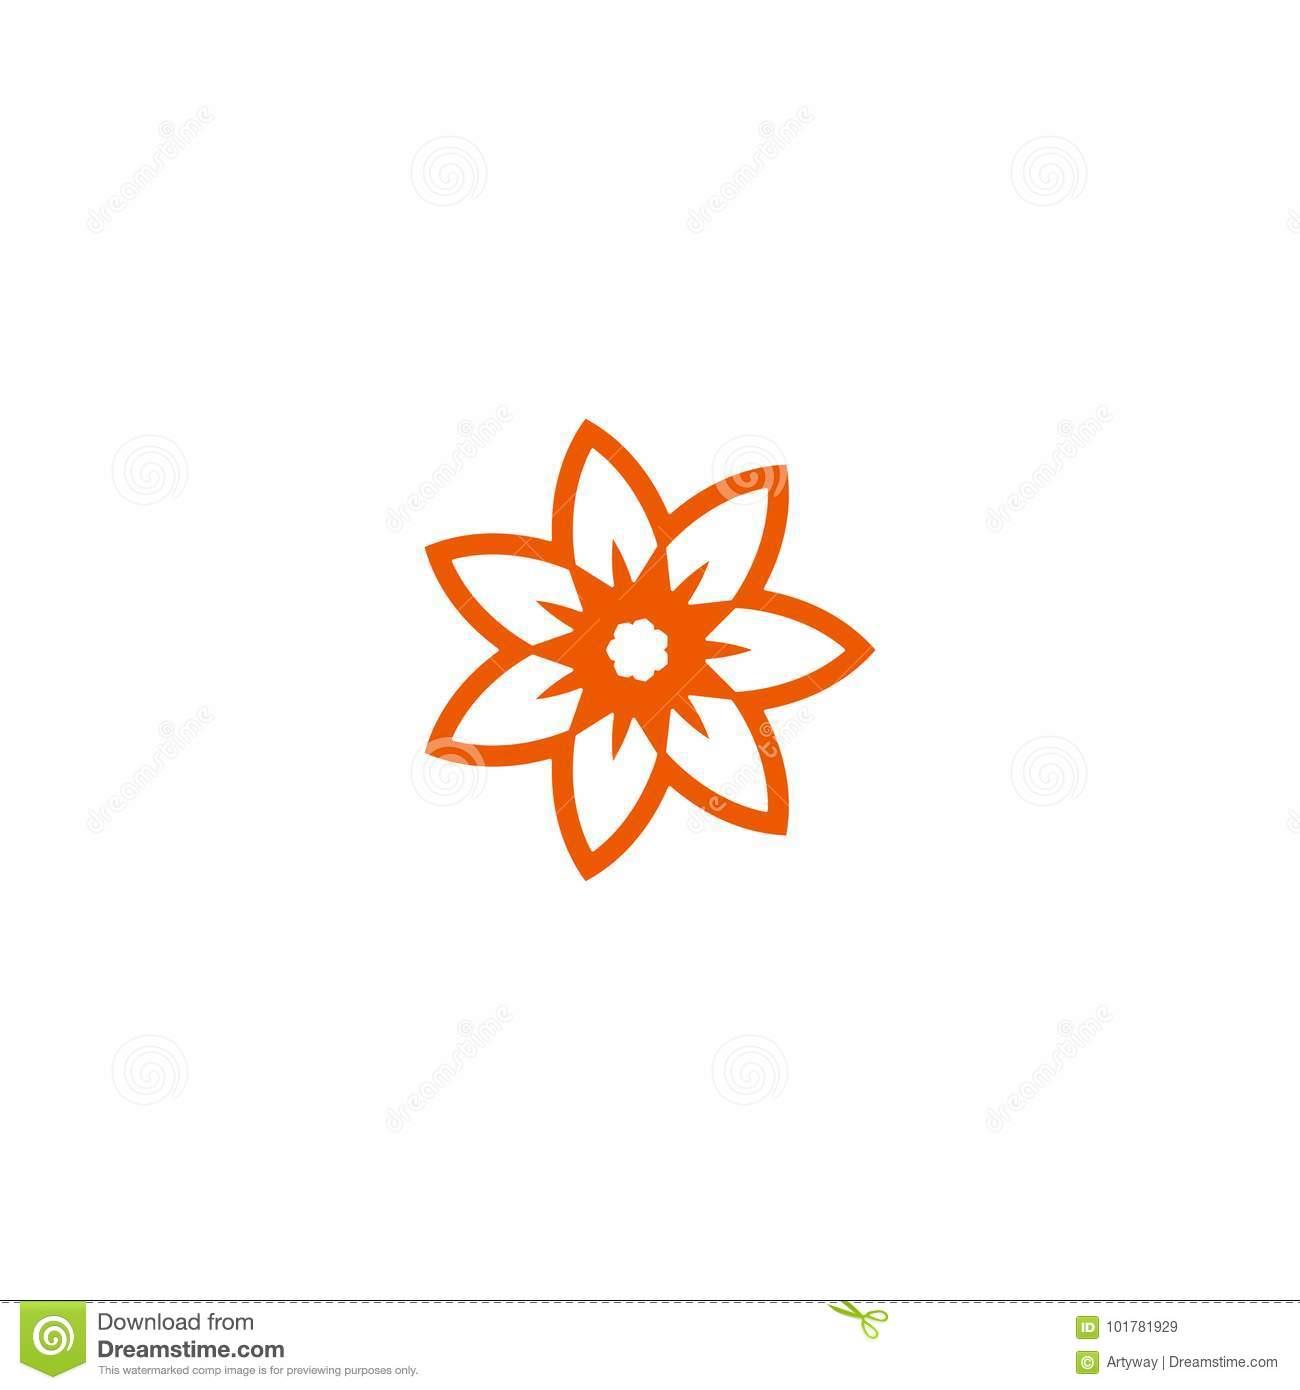 Logo Linéaire De Vecteur De Fleur Orange Icône Du Soleil De encequiconcerne Schéma D Une Fleur